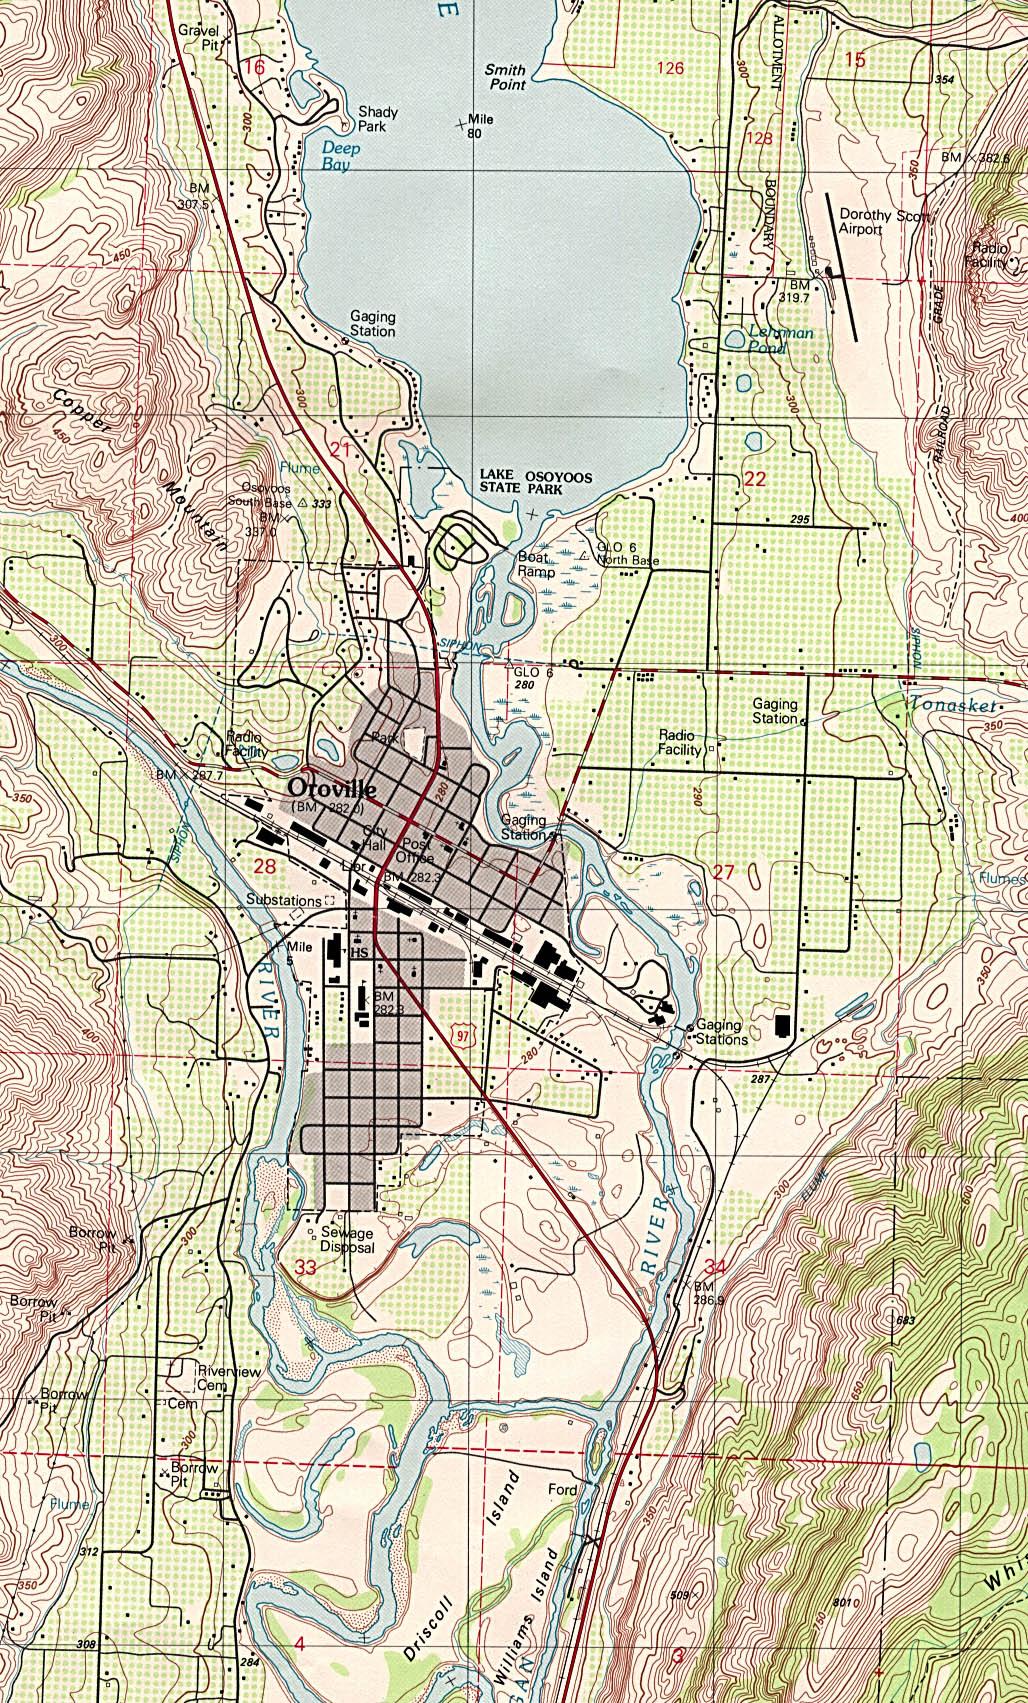 Mapa Topográfico de la Ciudad de Oroville, Washington, Estados Unidos